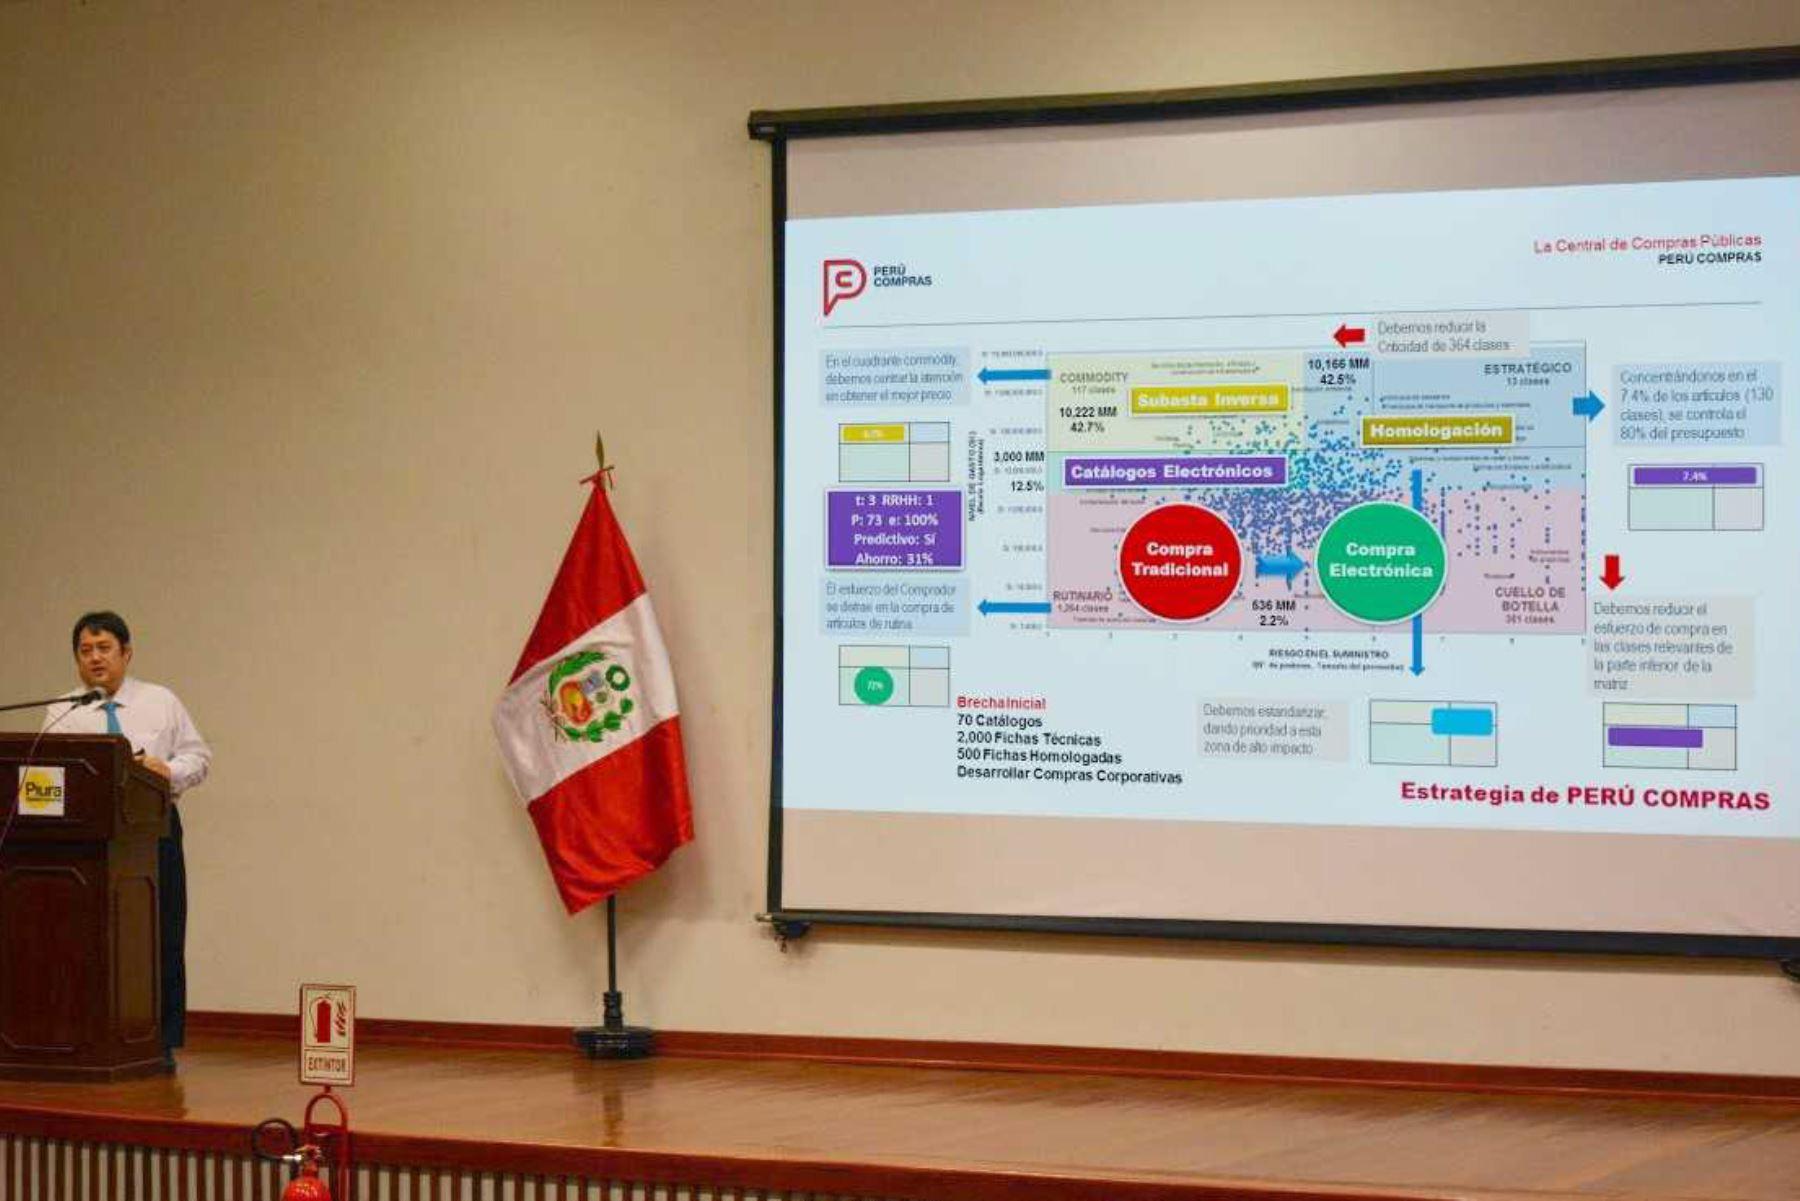 La región Piura ocupa el segundo lugar a escala nacional en compras de bienes, servicios y obras, registrando más de 2,176 procedimientos de selección adjudicados en el 2017, que representan S/ 1,764 millones, informó la Central de Compras Públicas-Perú Compras, entidad especializada en optimizar las contrataciones del Estado.